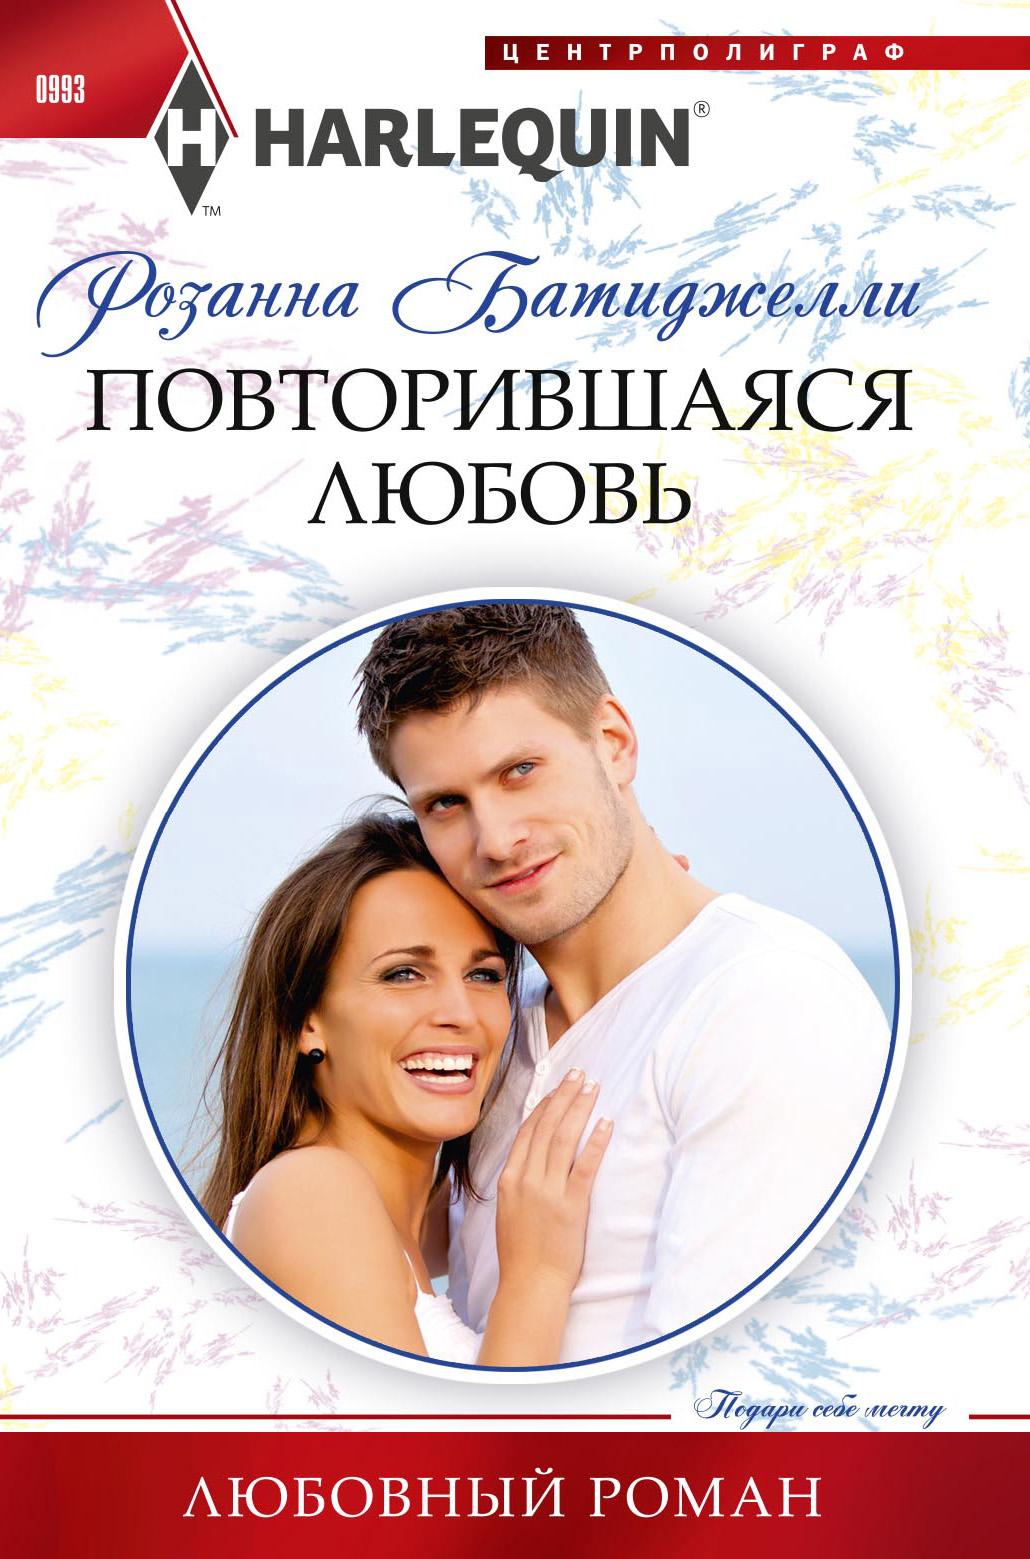 Купить книгу Повторившаяся любовь, автора Розанны Батиджелли